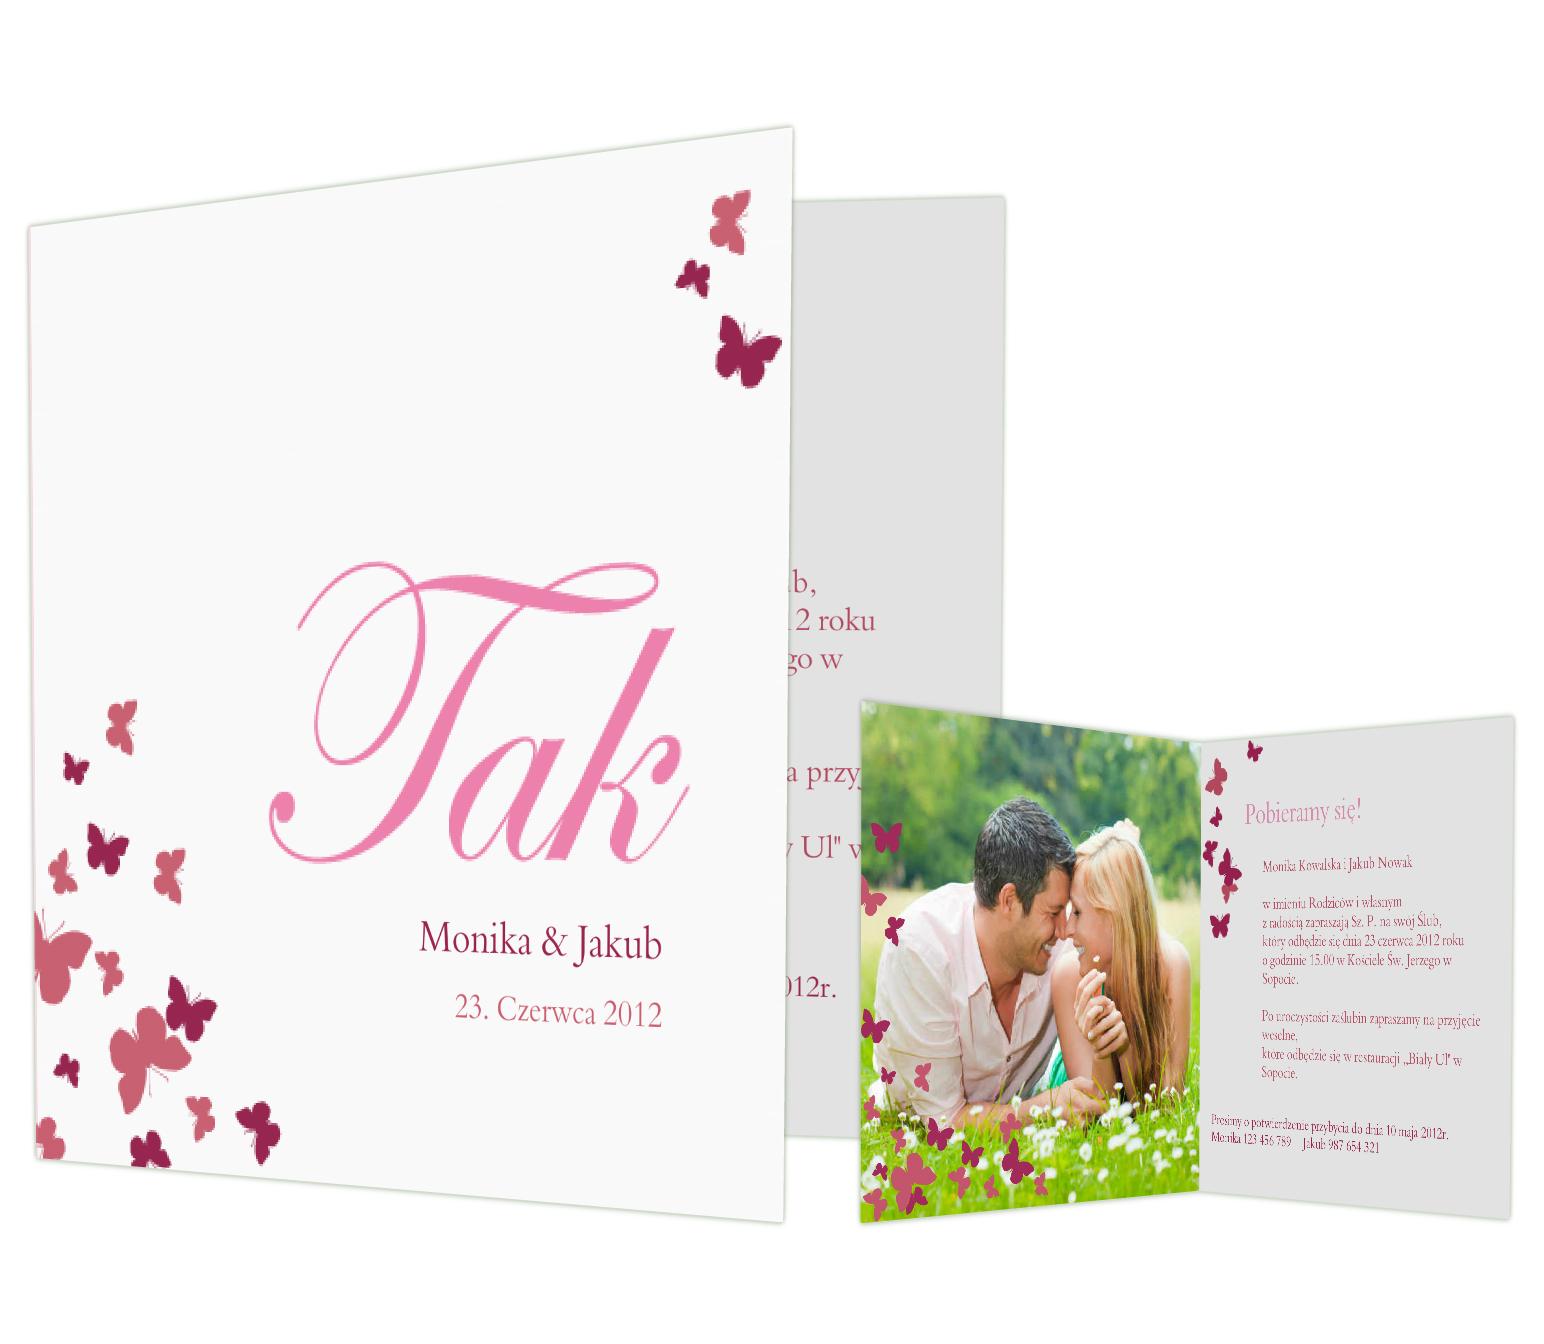 personalizowane zaproszenia wymarzone zaproszenia ślubne Save The Date RSVP papeteria ślubna sendmoments